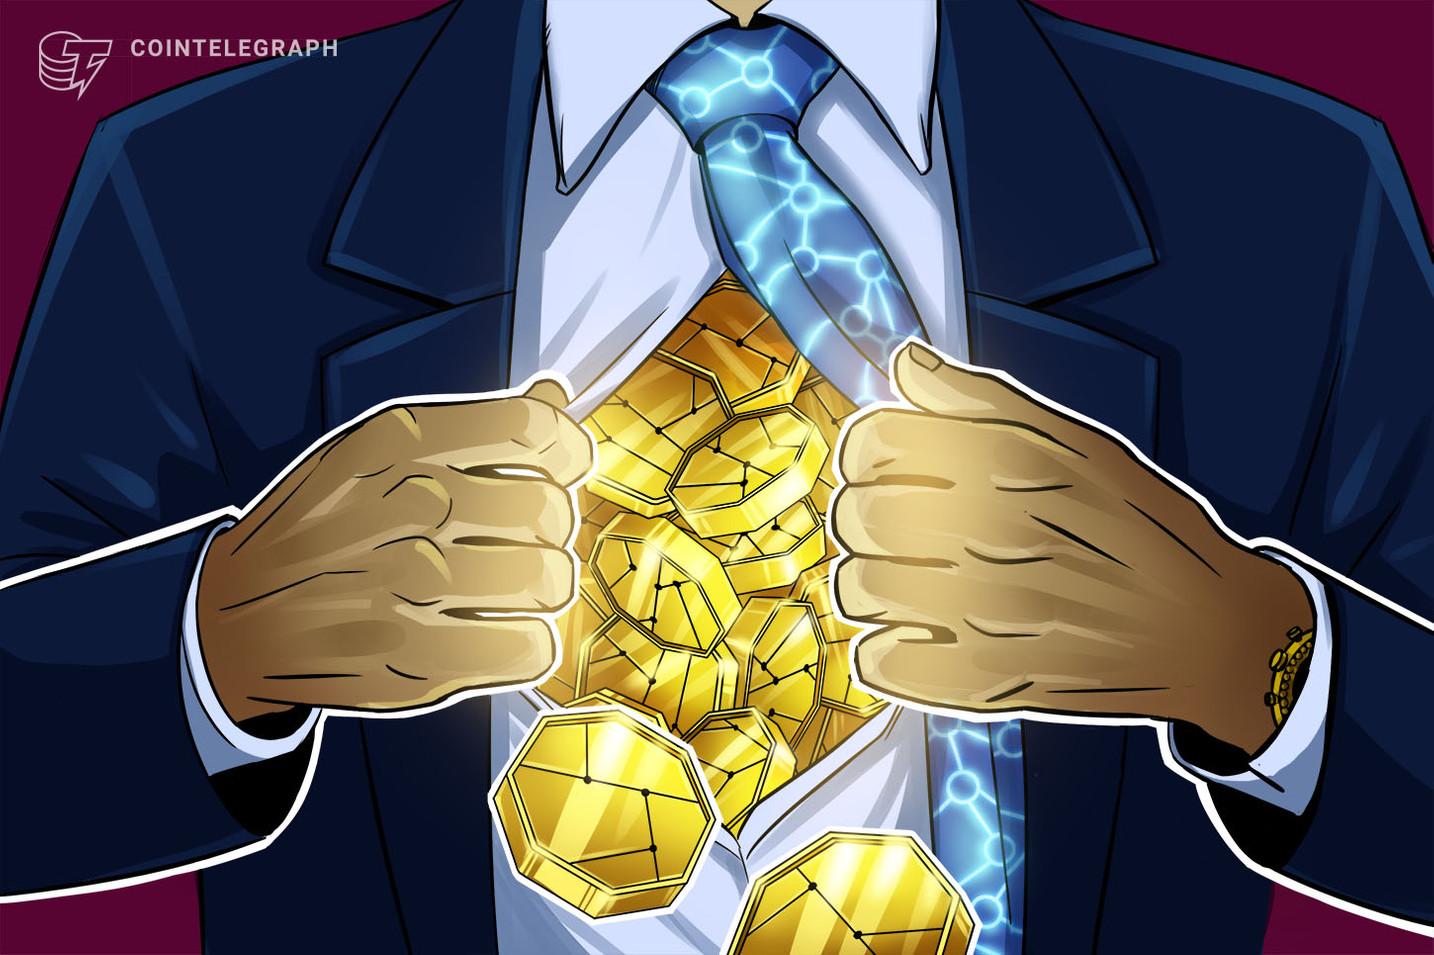 El CEO de Ripple, Brad Garlinghouse, les dice a los bancos que 'criptomoneda no es una mala palabra'